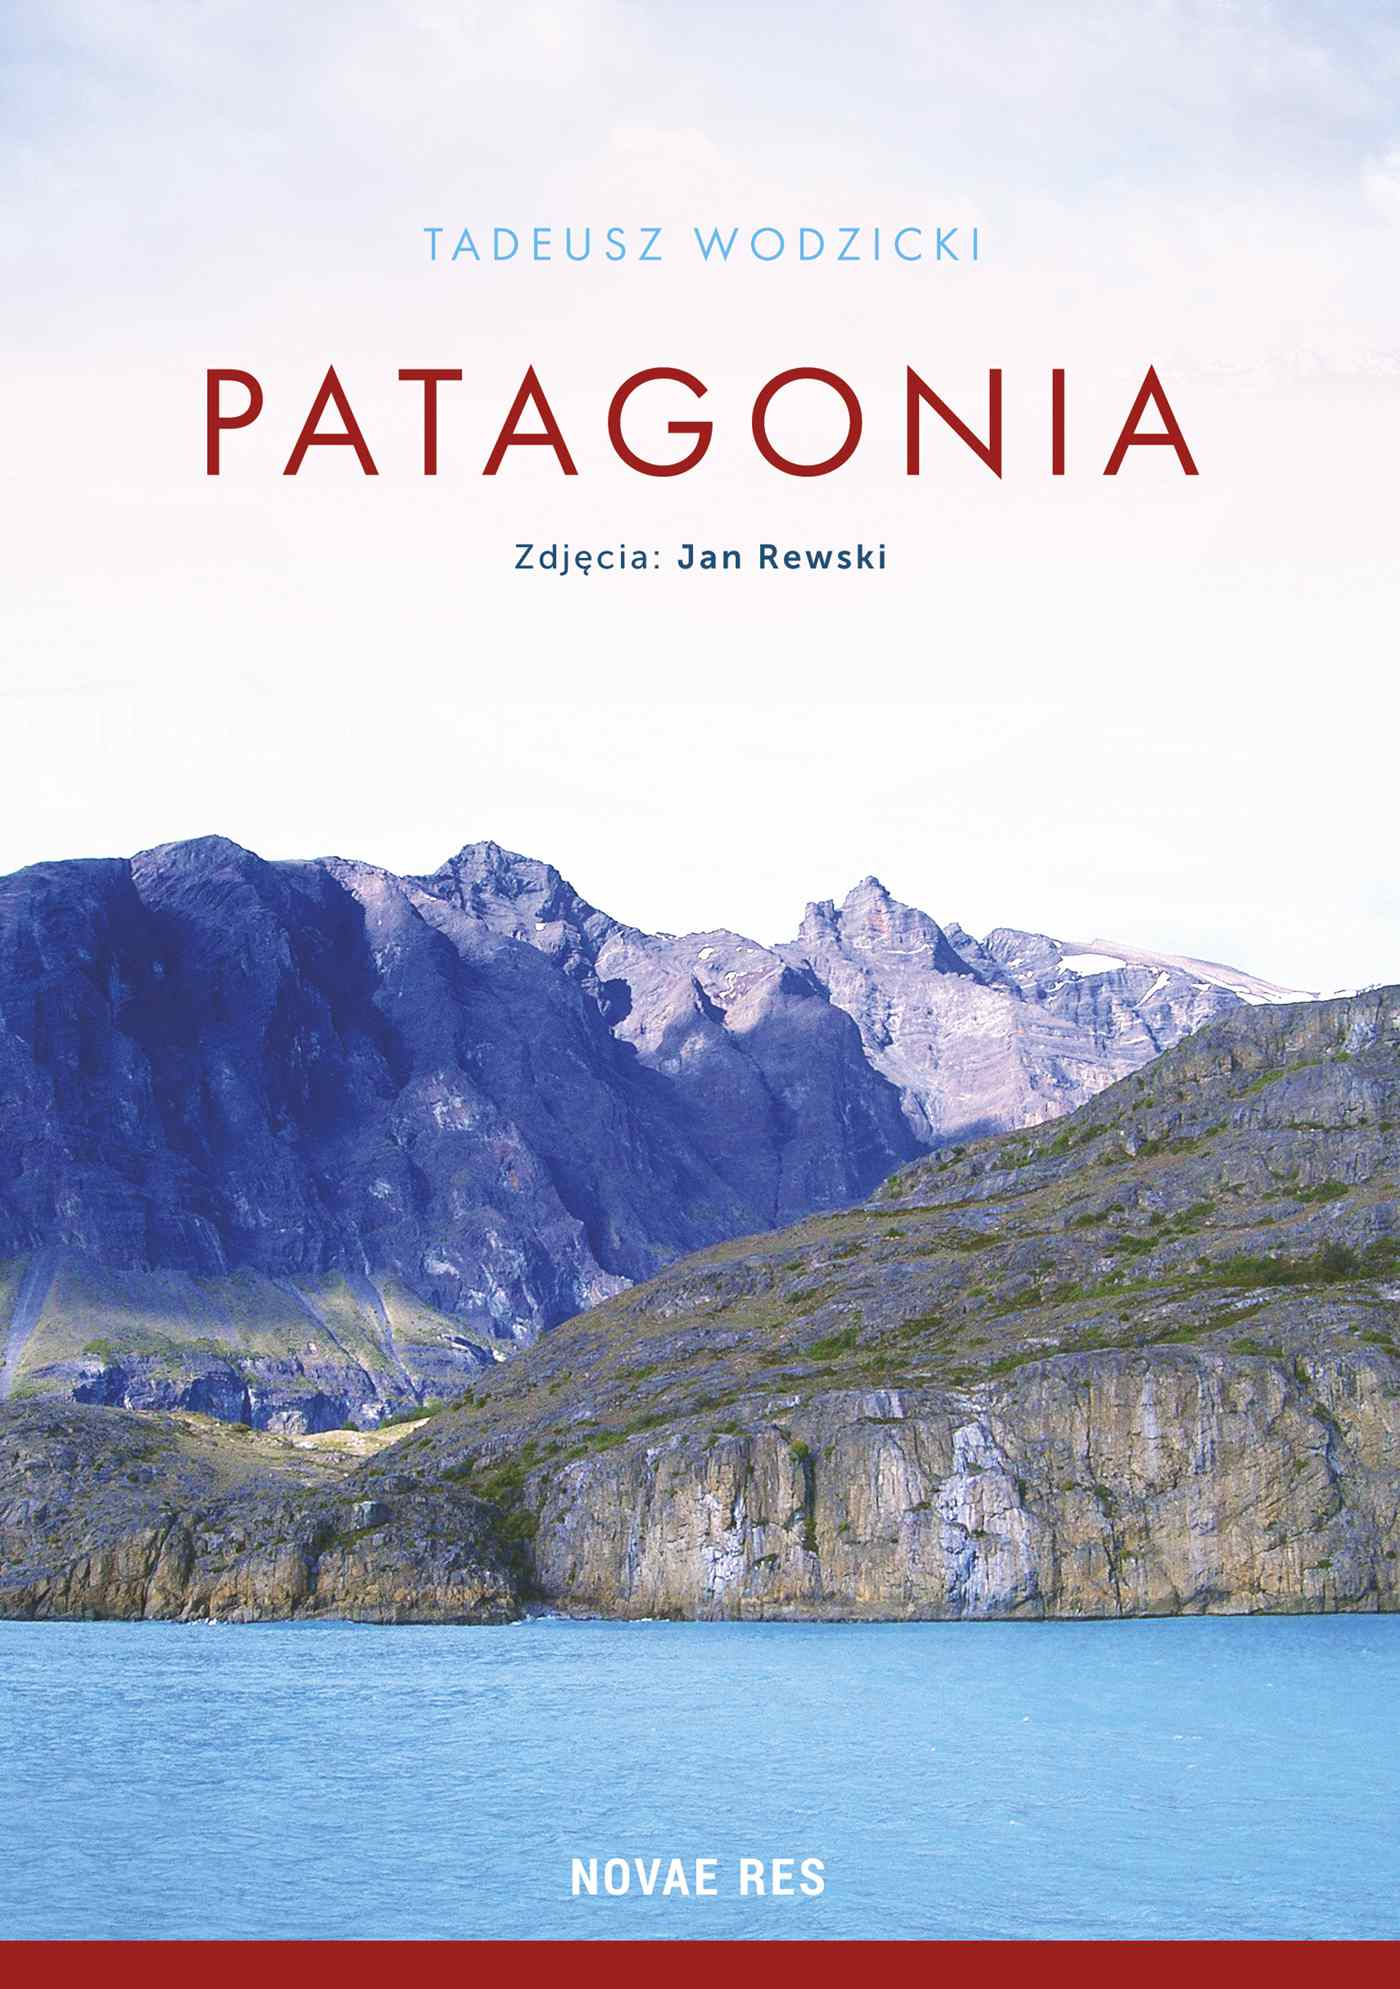 Patagonia - Ebook (Książka EPUB) do pobrania w formacie EPUB